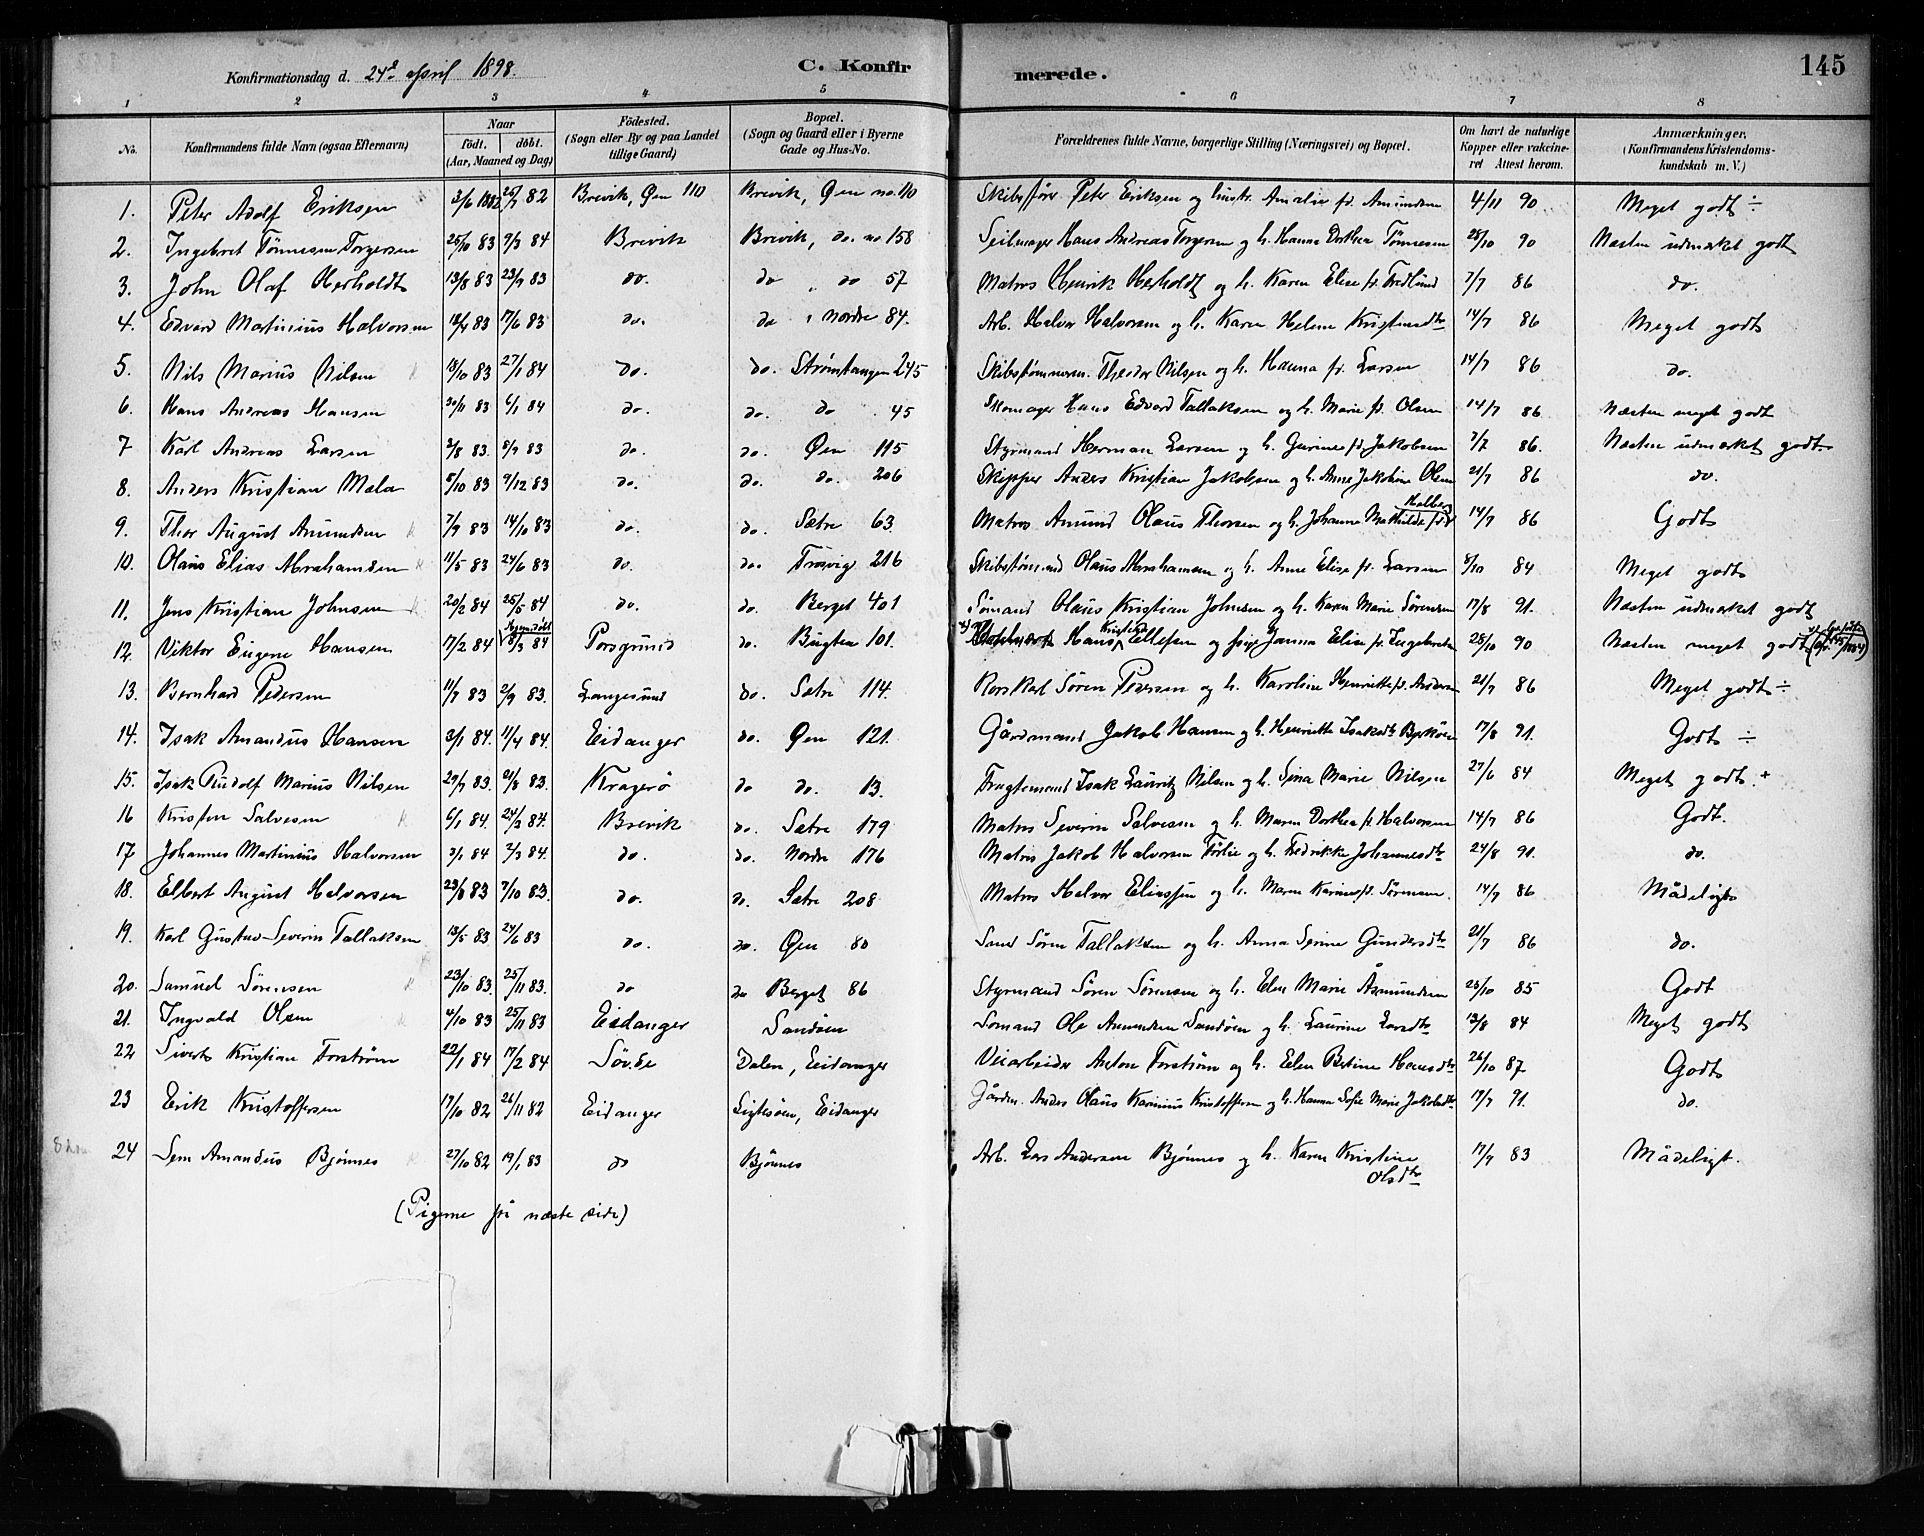 SAKO, Brevik kirkebøker, F/Fa/L0007: Ministerialbok nr. 7, 1882-1900, s. 145